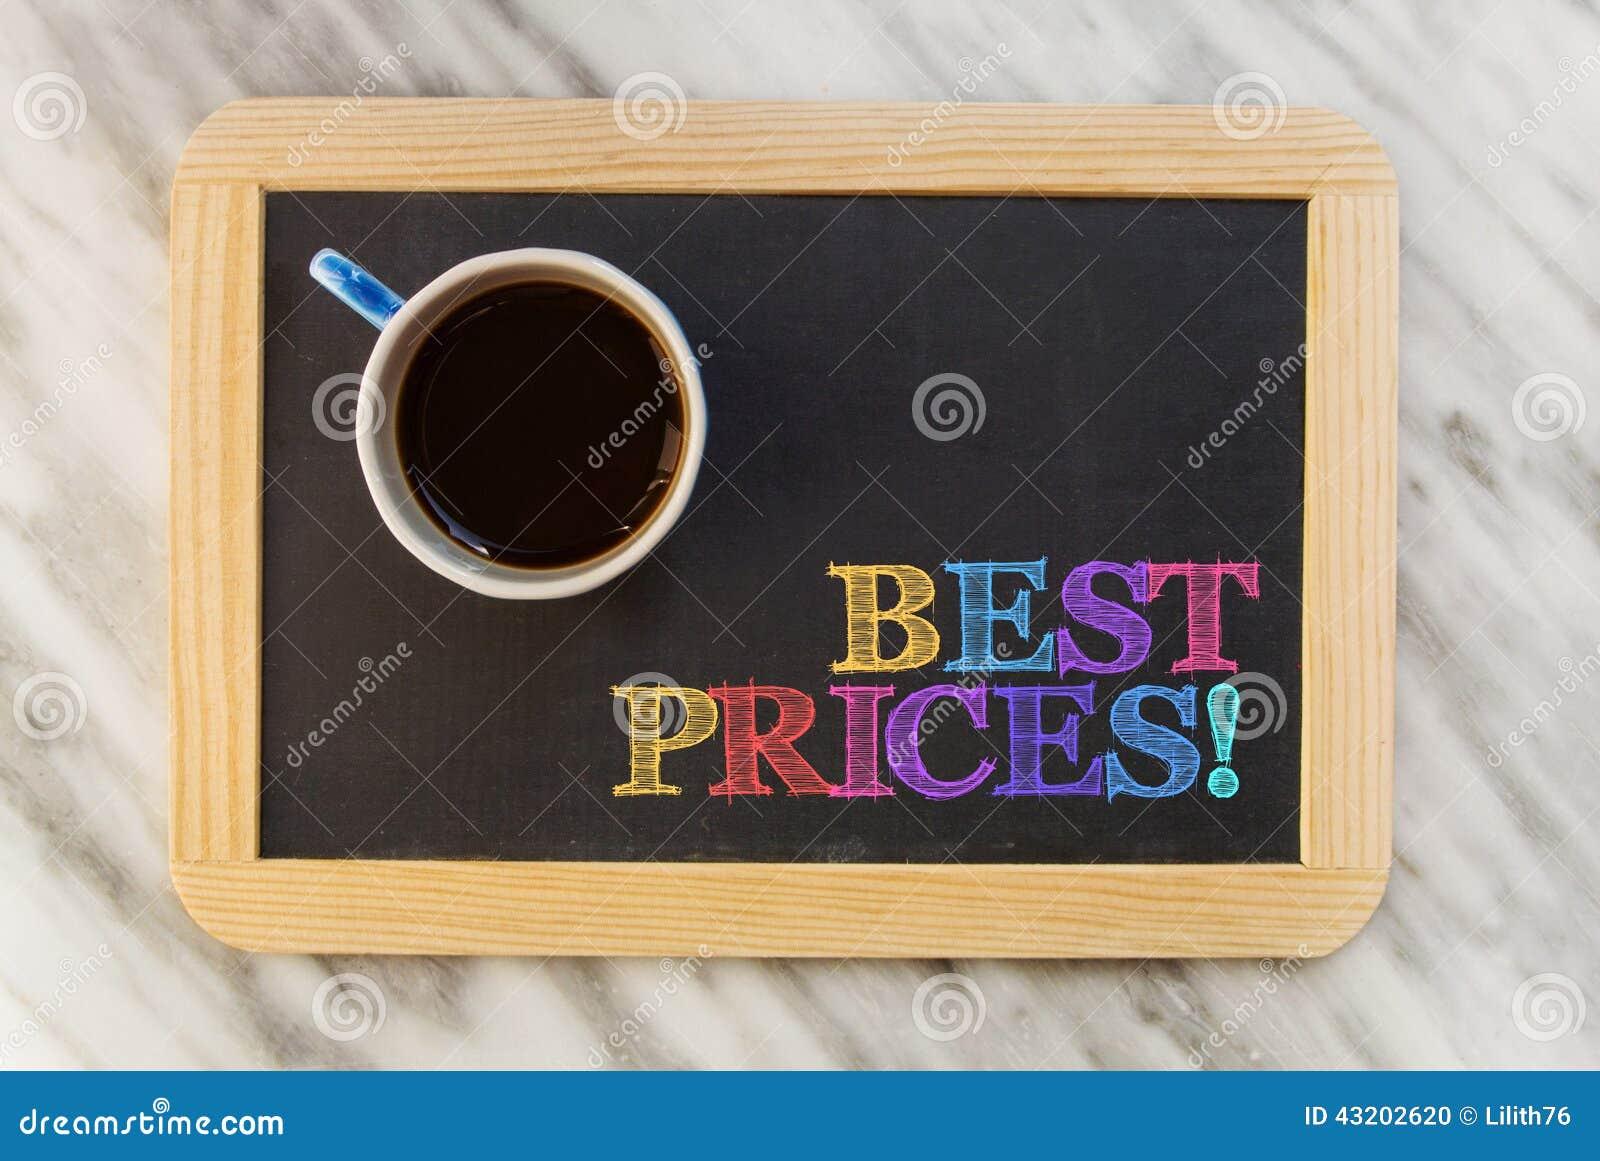 Download Bäst priser arkivfoto. Bild av affär, råna, färg, pris - 43202620